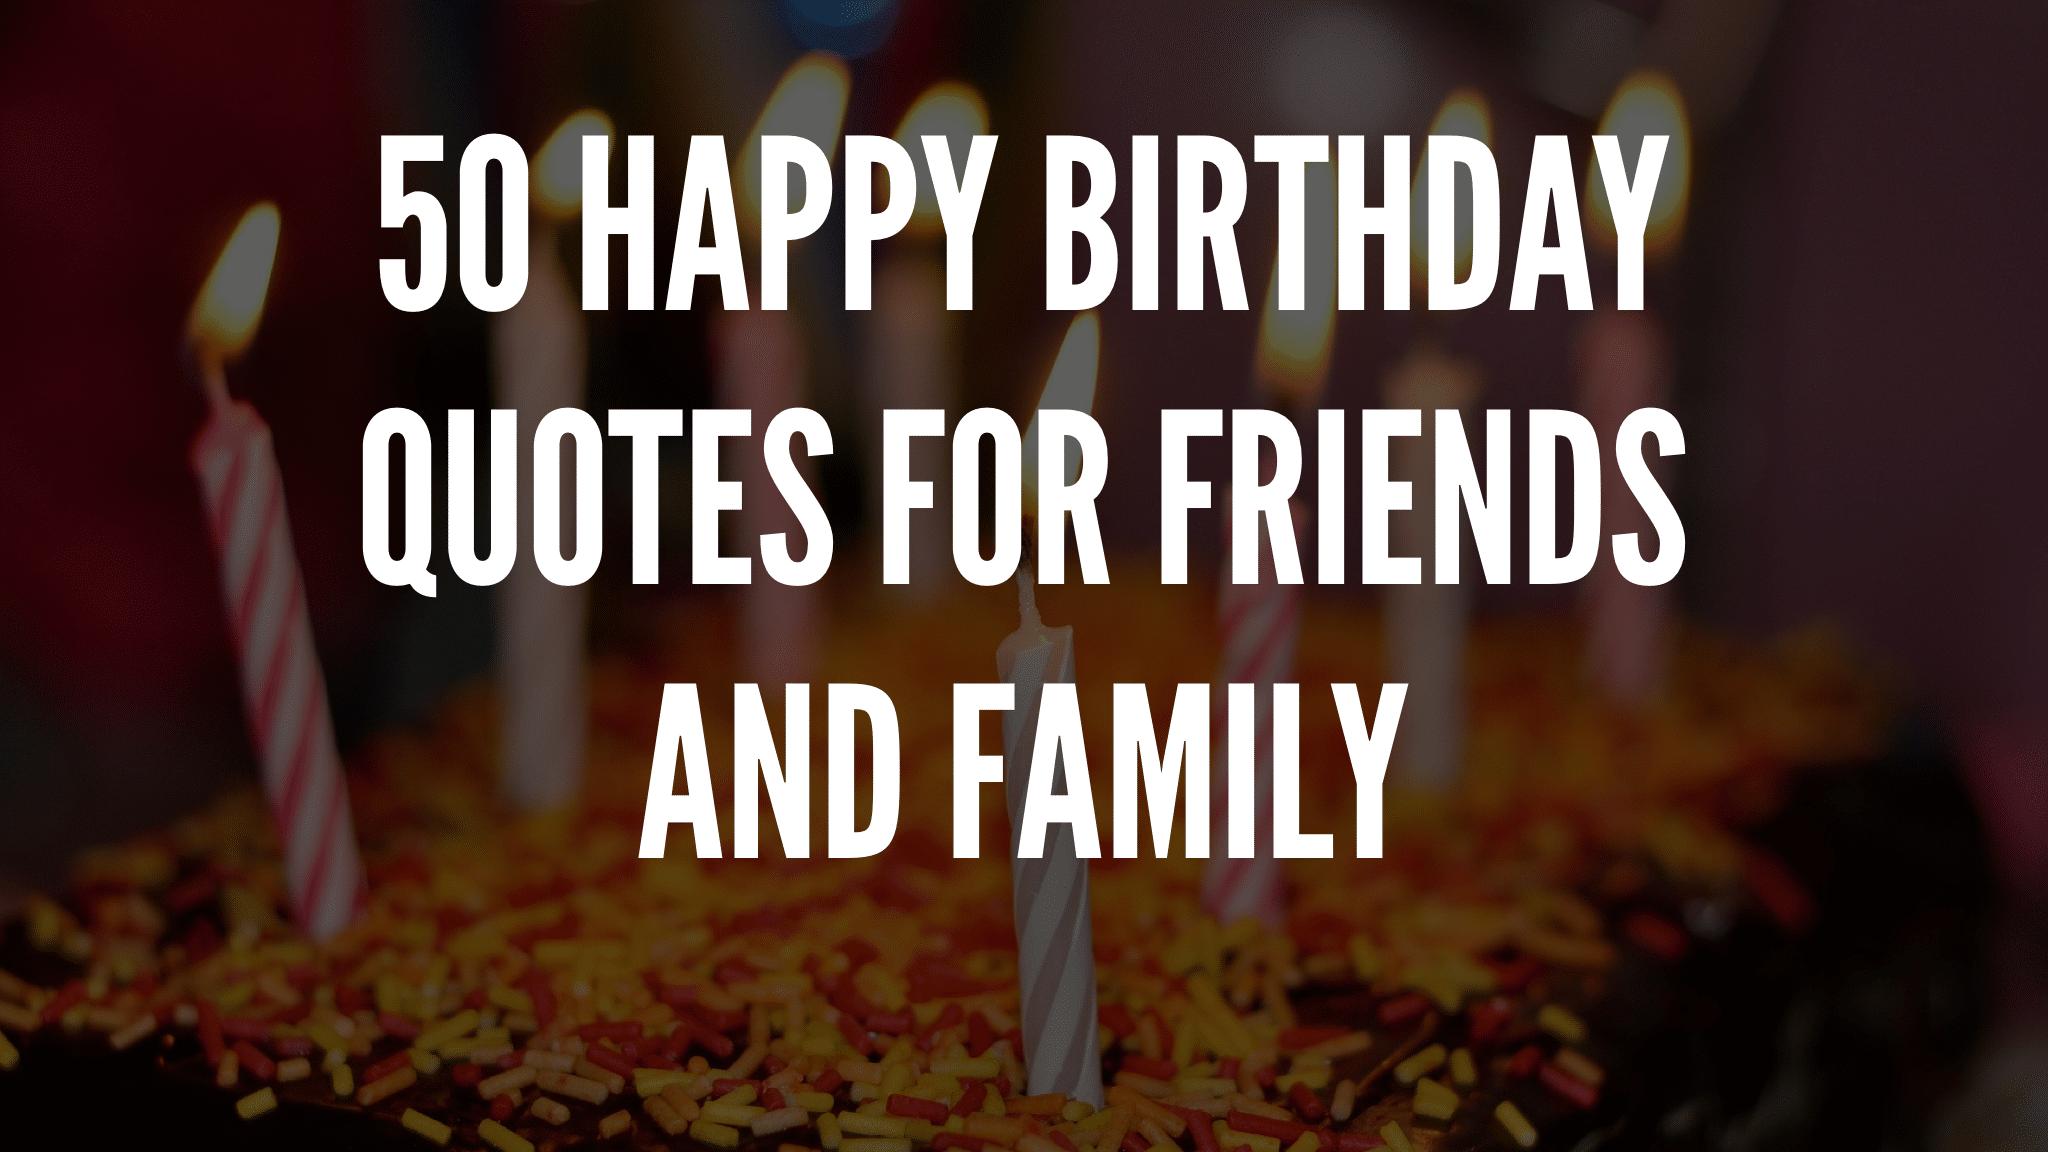 50 Happy Birthday Quotes